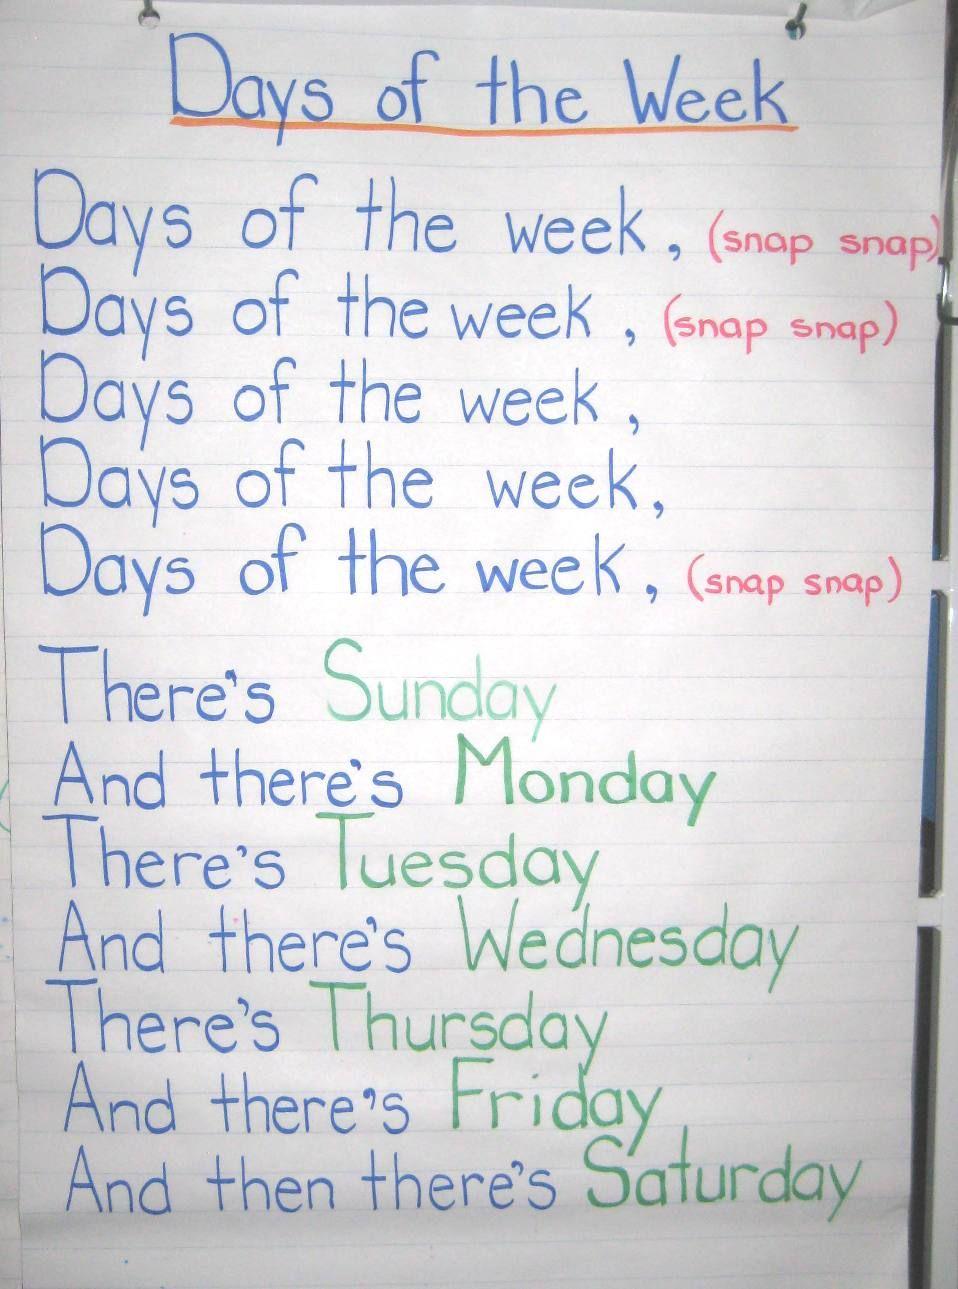 Days of the Week - adams family song | Preschool songs ...